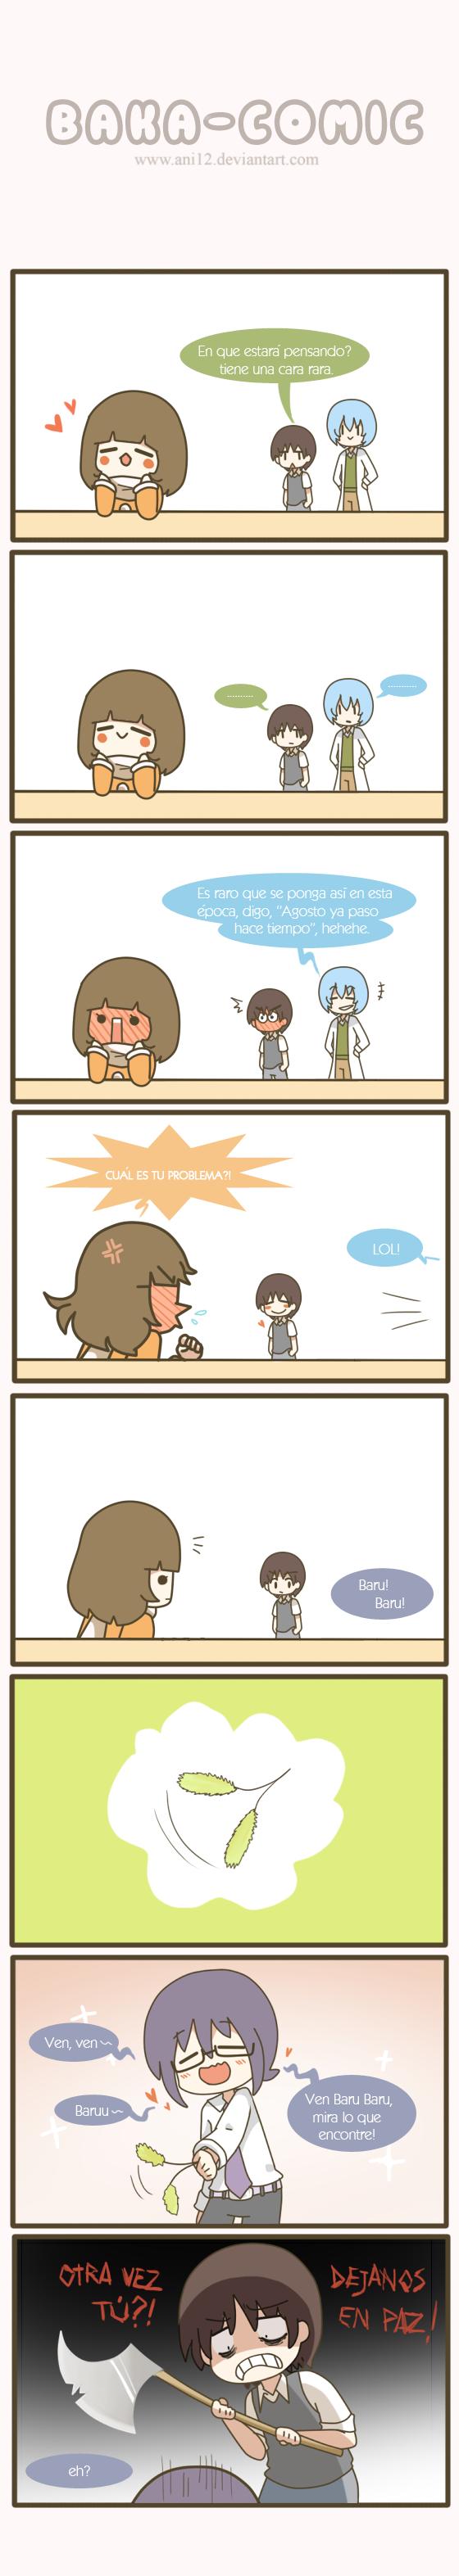 Baka-Comic 25 by ani12